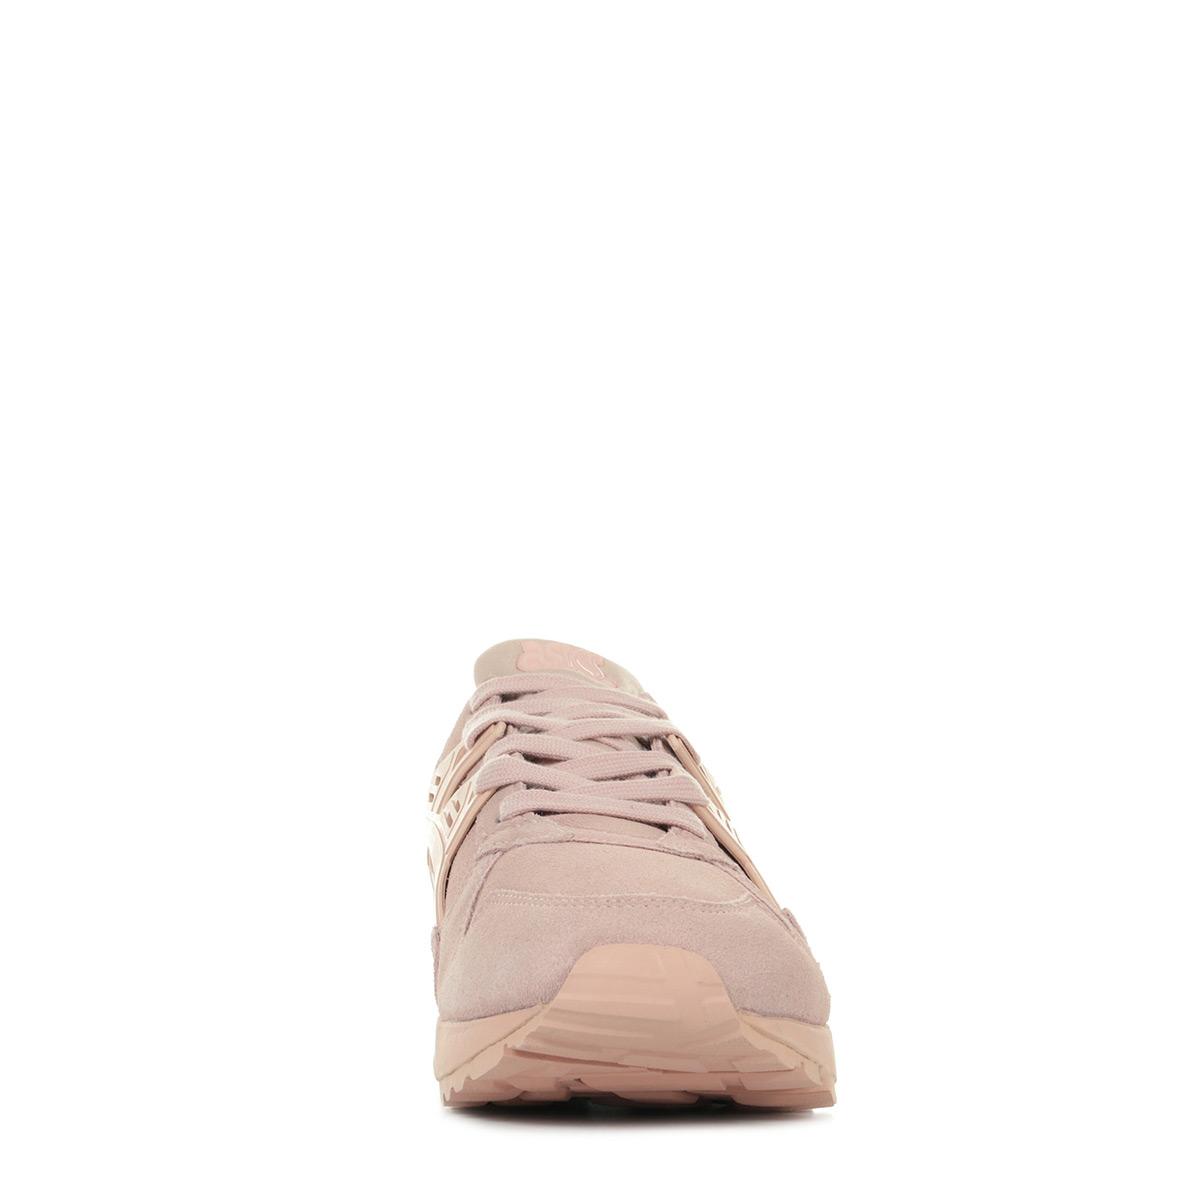 Détails sur Chaussures Baskets Asics unisexe Gel Kayano Trainer taille Rose Suède Lacets